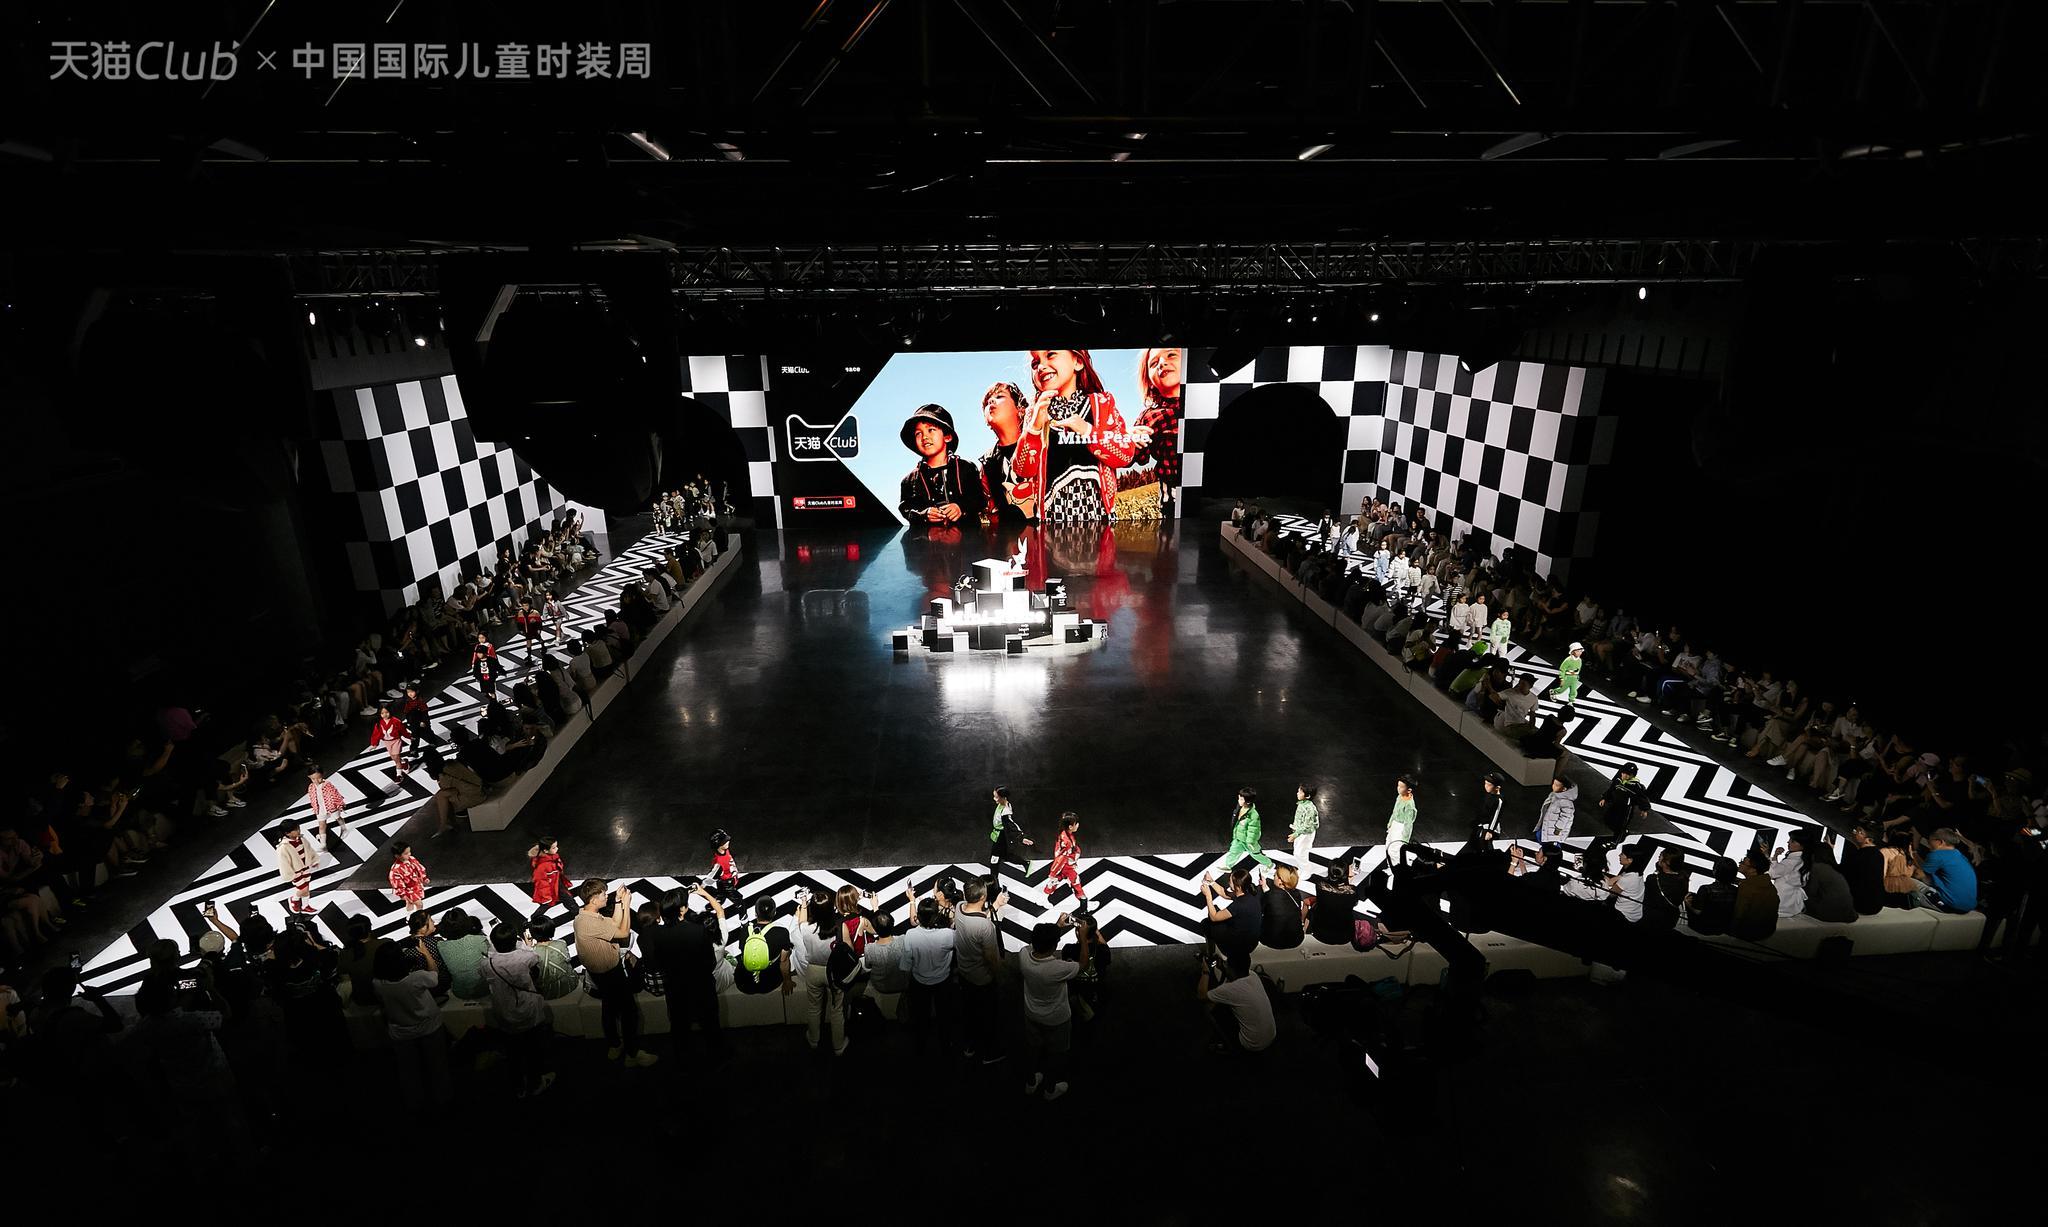 为期四天的天猫Club@中国国际儿童时装周 终于完美落下帷幕